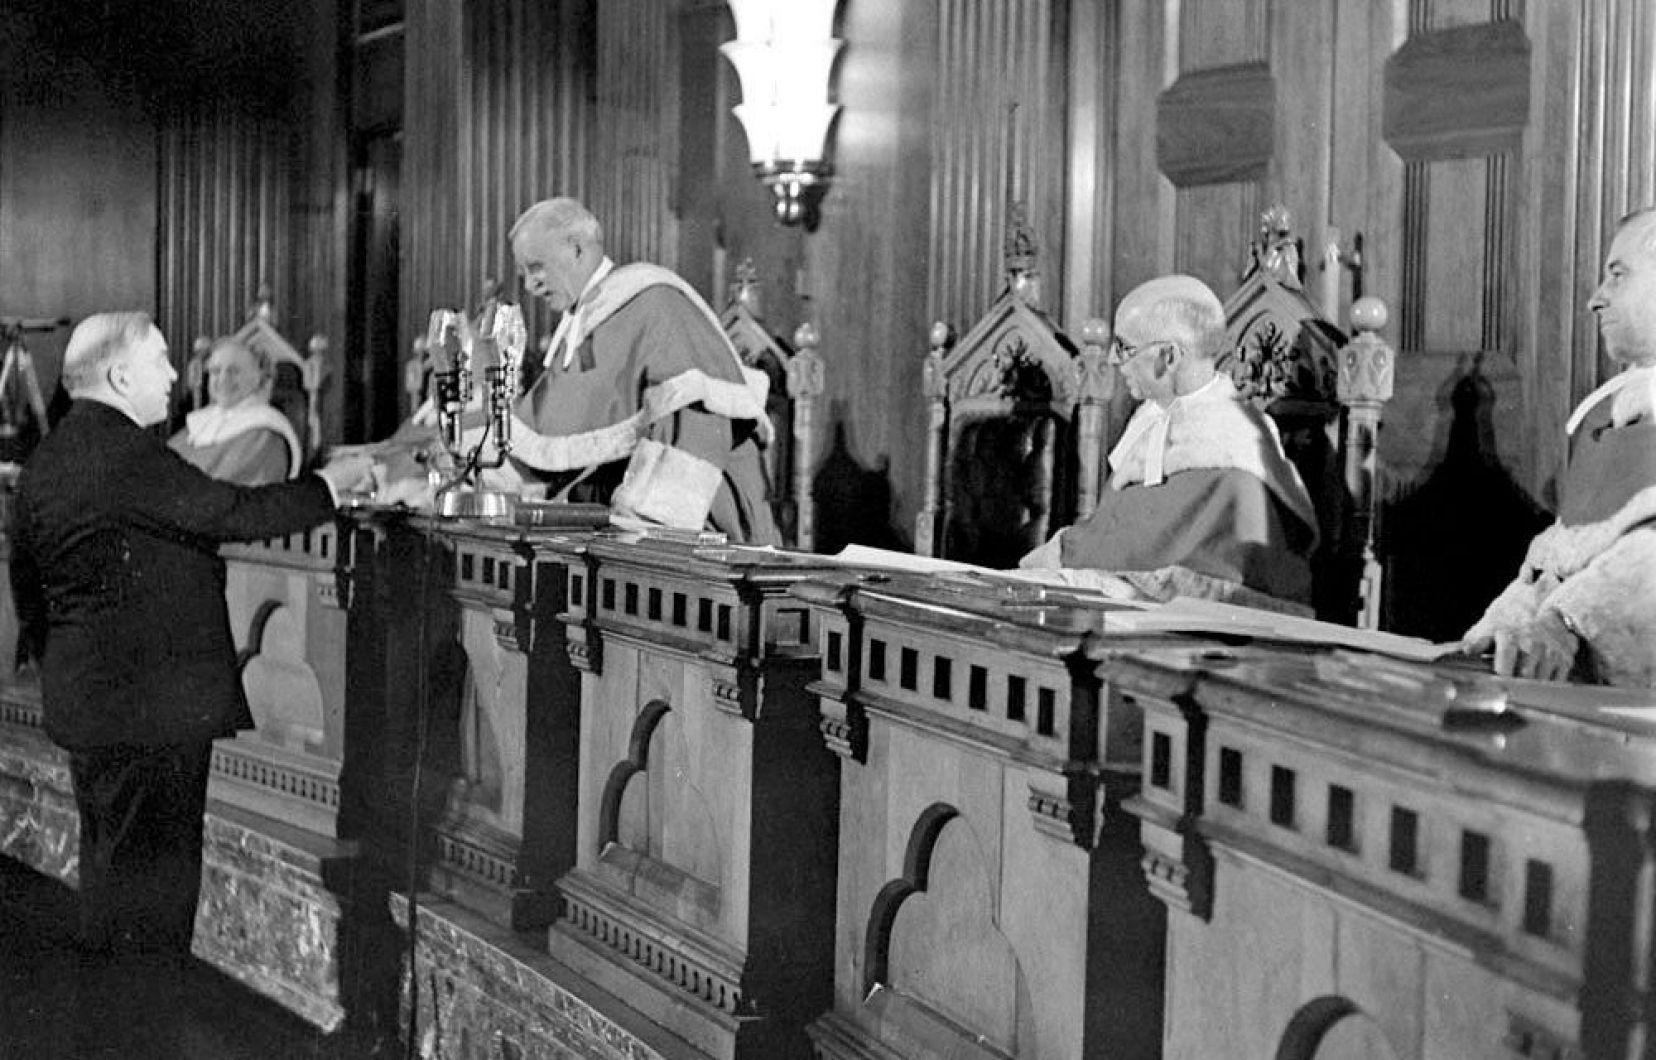 في 3 كانون الثاني يناير 1947، حصل رئيس الحكومة الكندي ماكنزي كينغ على أوّل شهادة للجنسية الكندية في مقر المحكمة العليا من طرف أحد قضاتها وتحمل الرقم 001 – La Presse Canadienne/Bibliothèque et Archives Canada